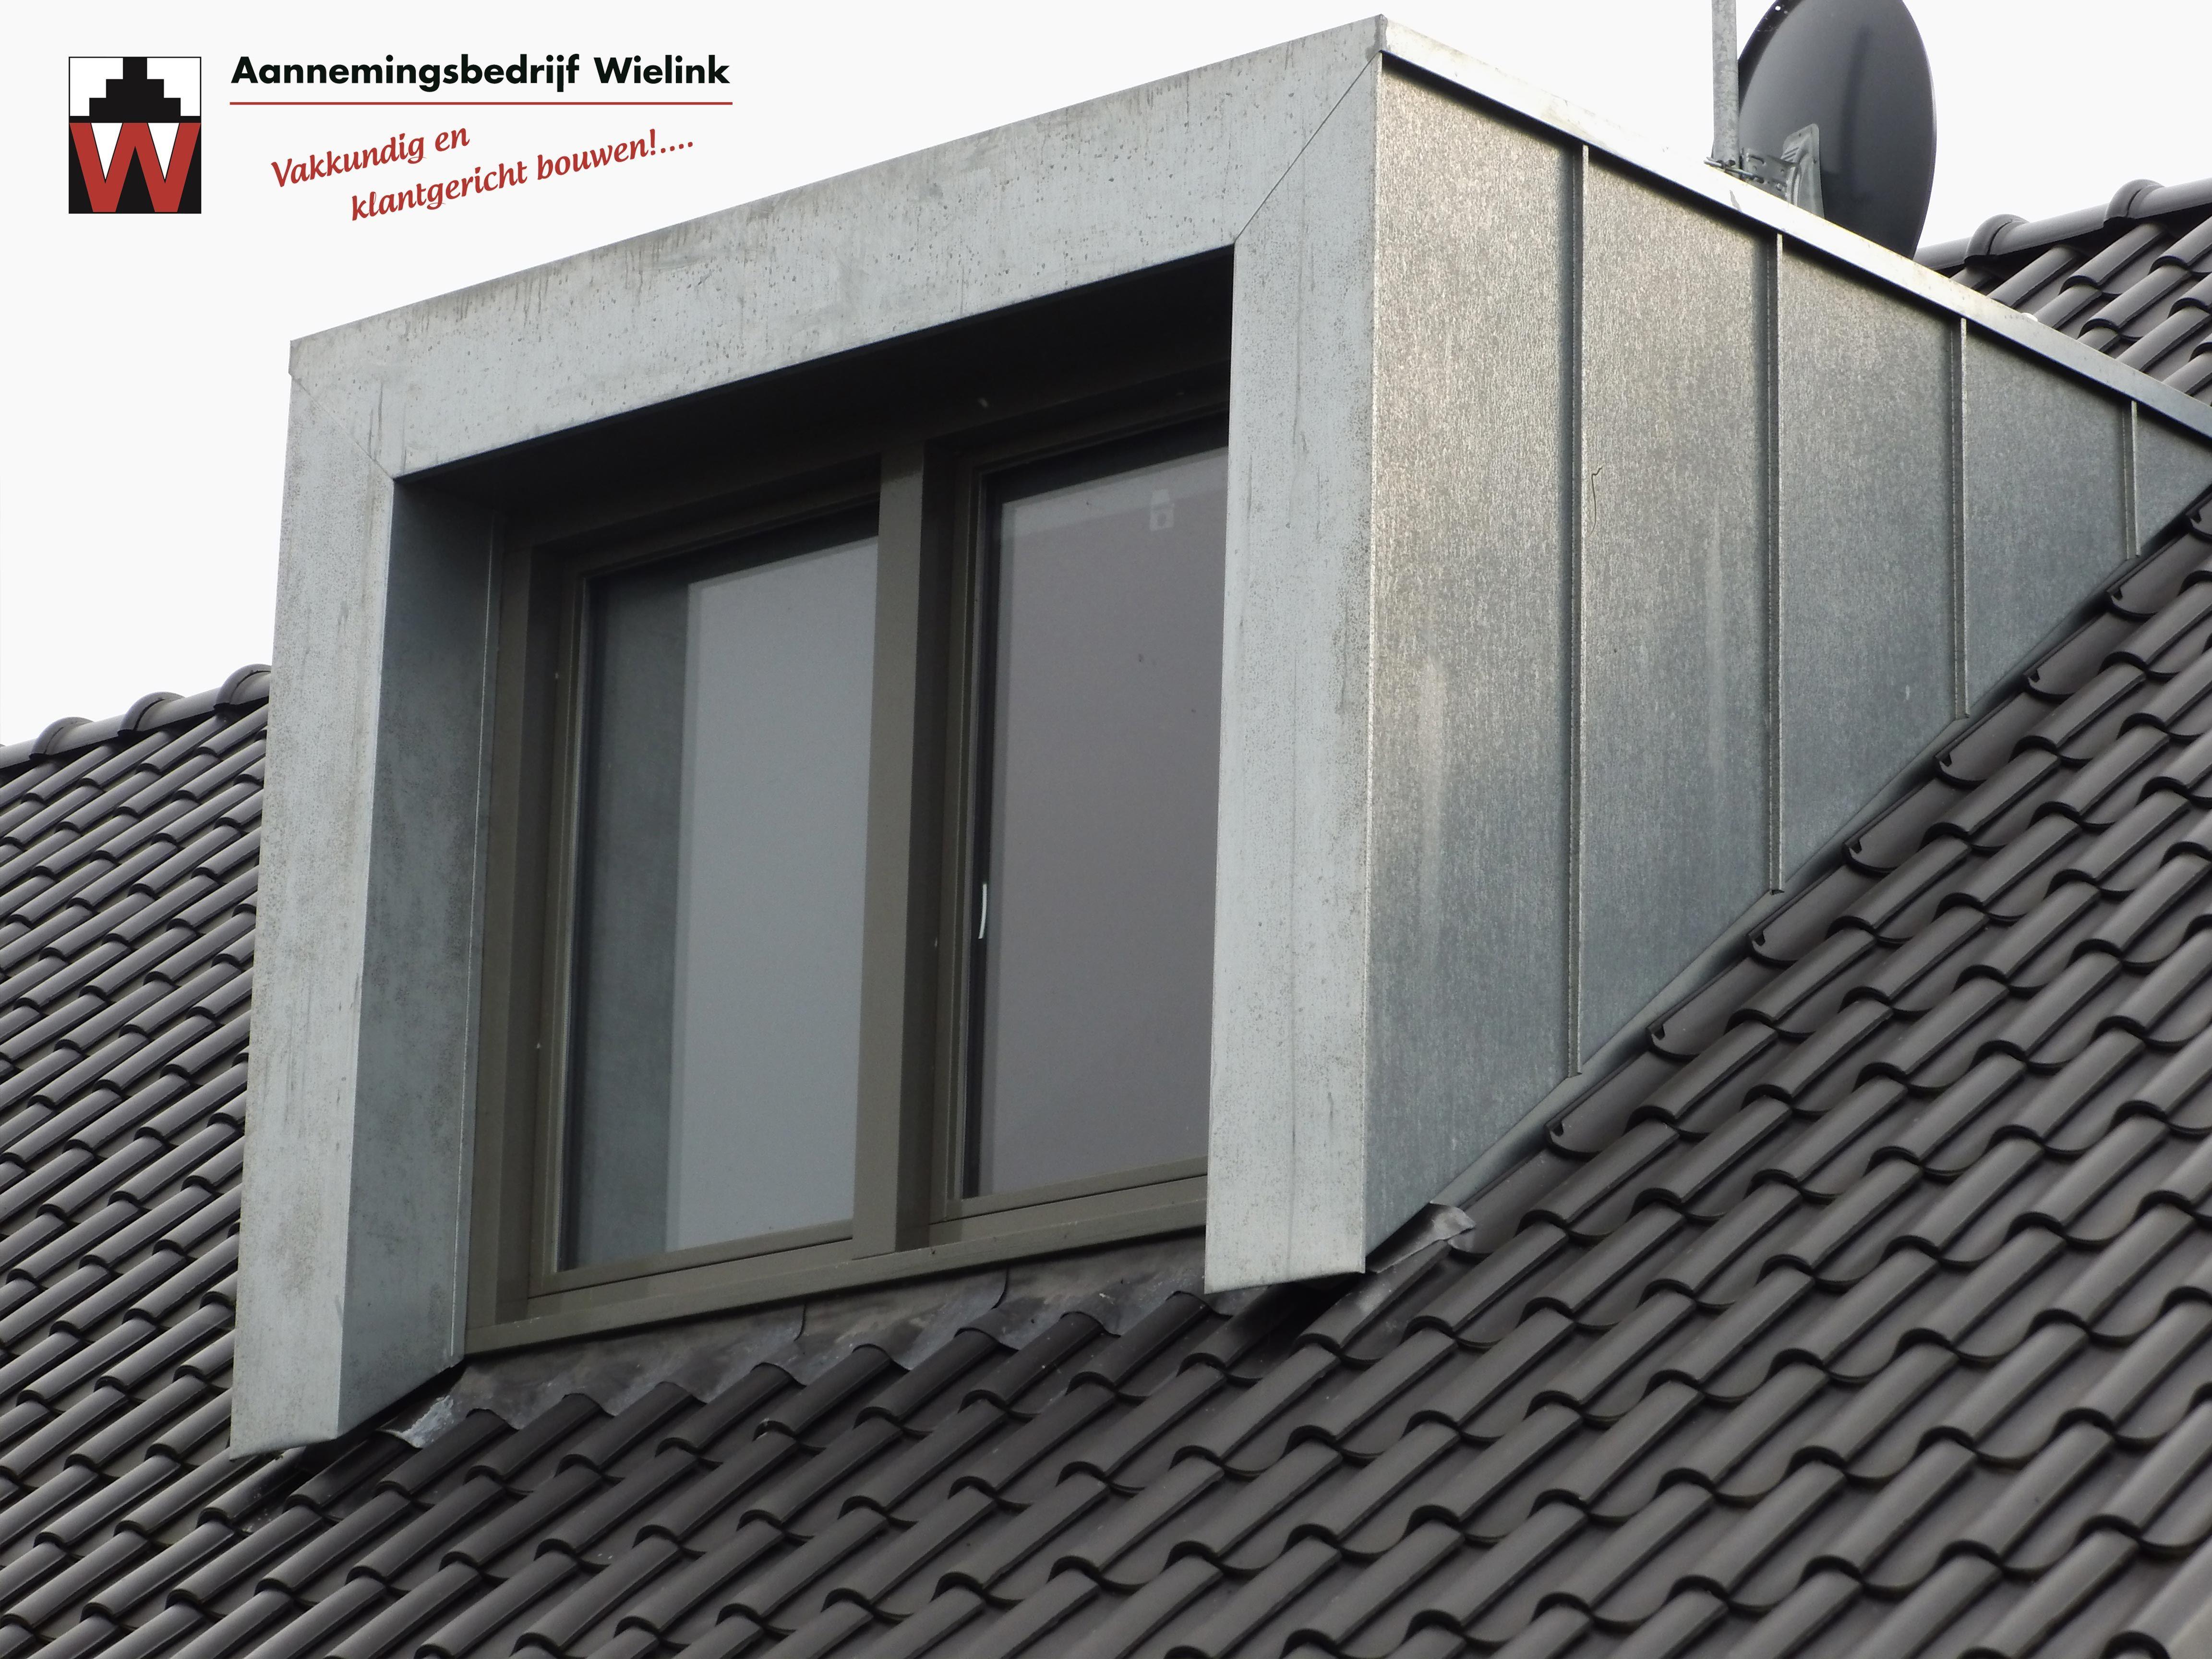 Schuurwoning met zinken dakkapel laten bouwen! www